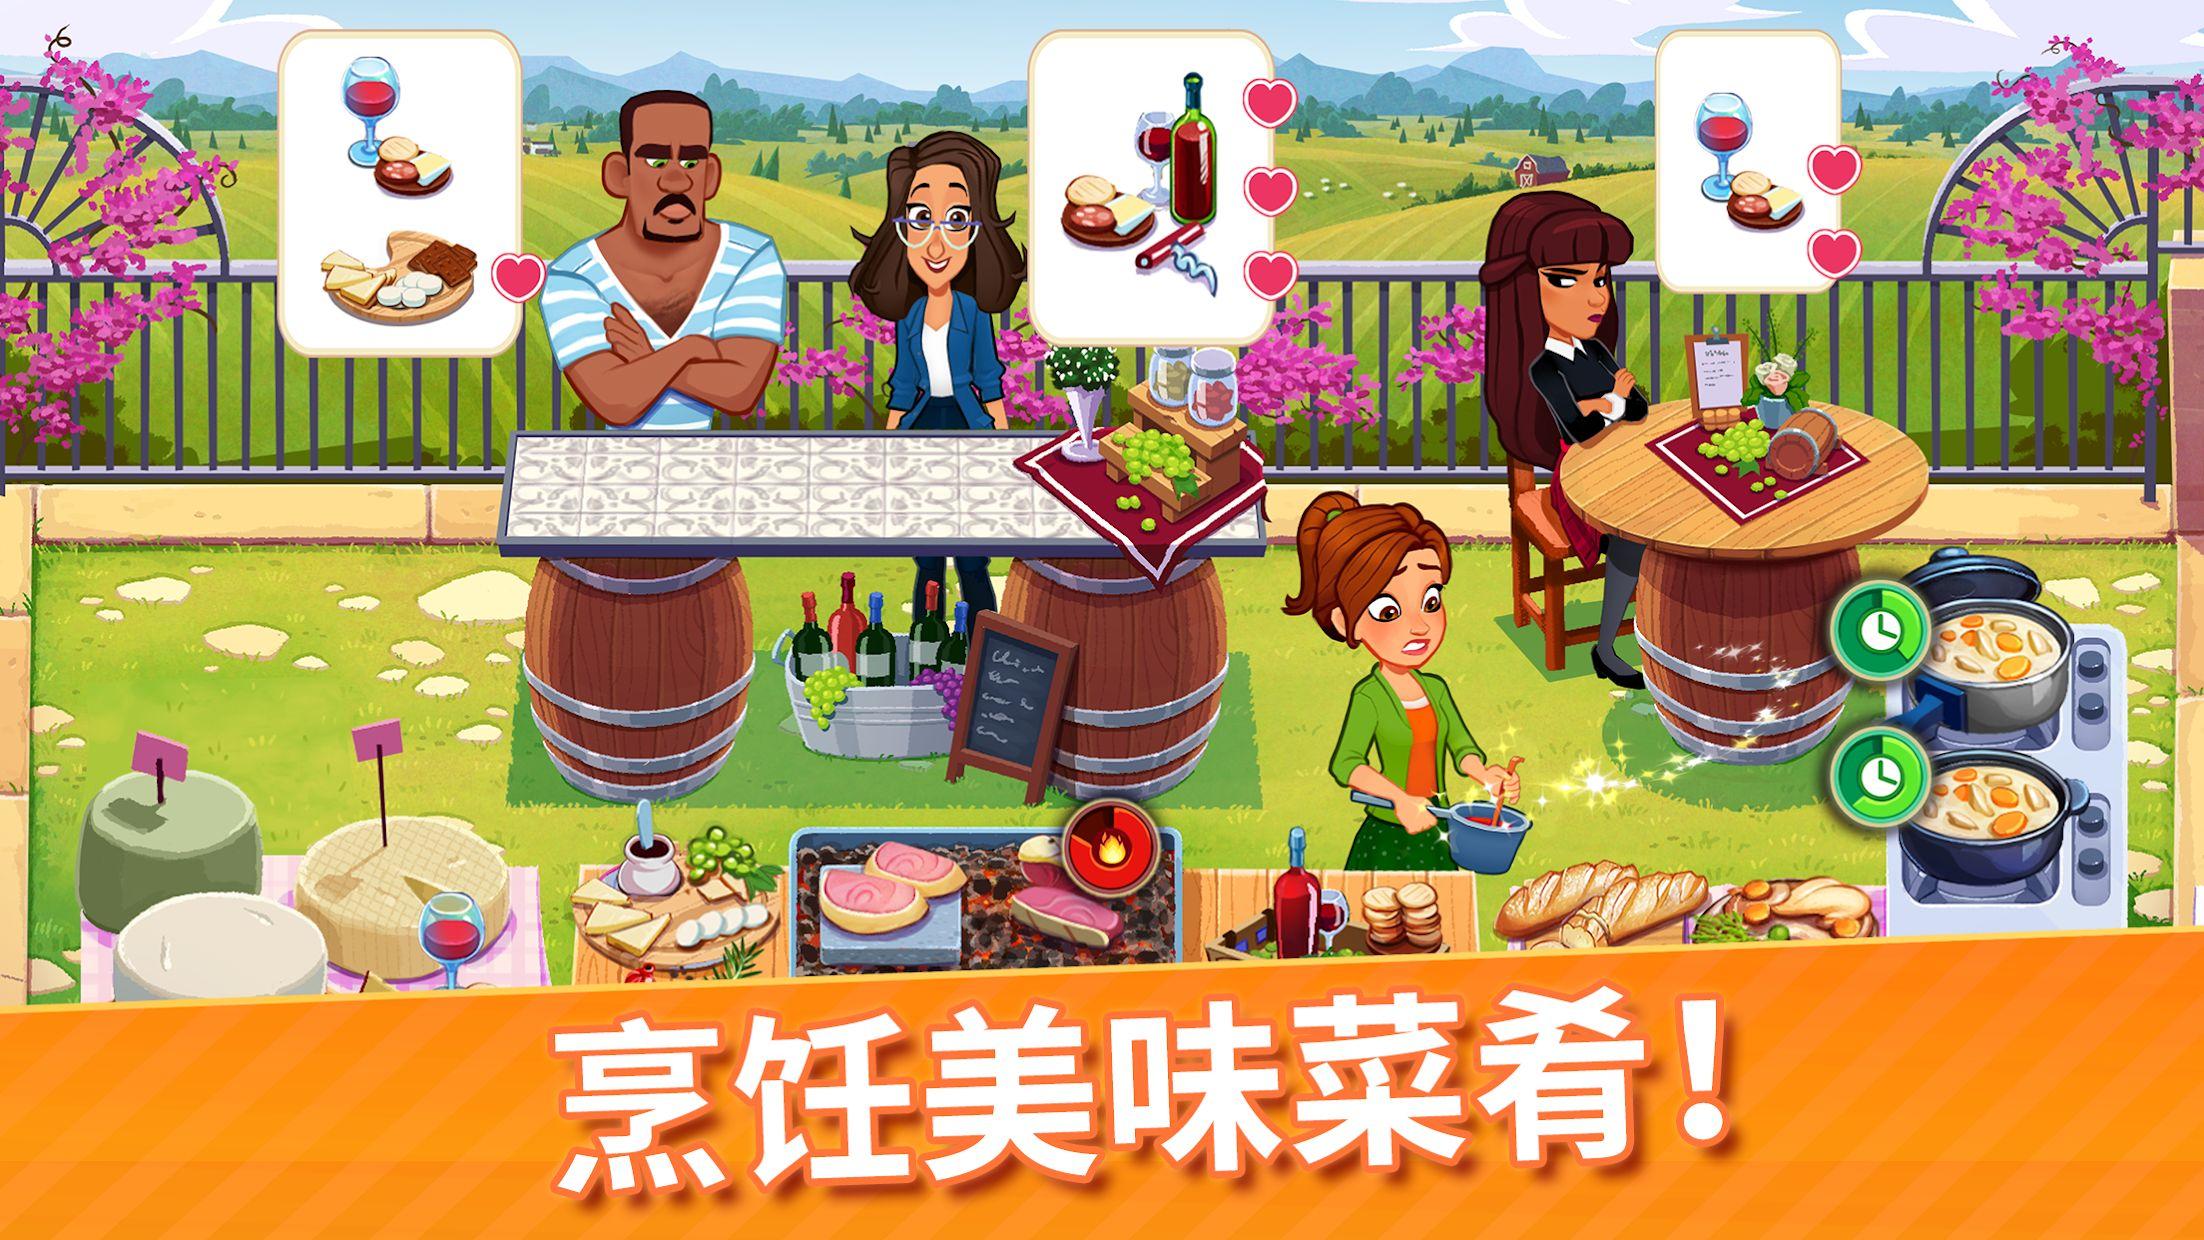 美味餐厅世界 - 烹饪游戏 游戏截图3